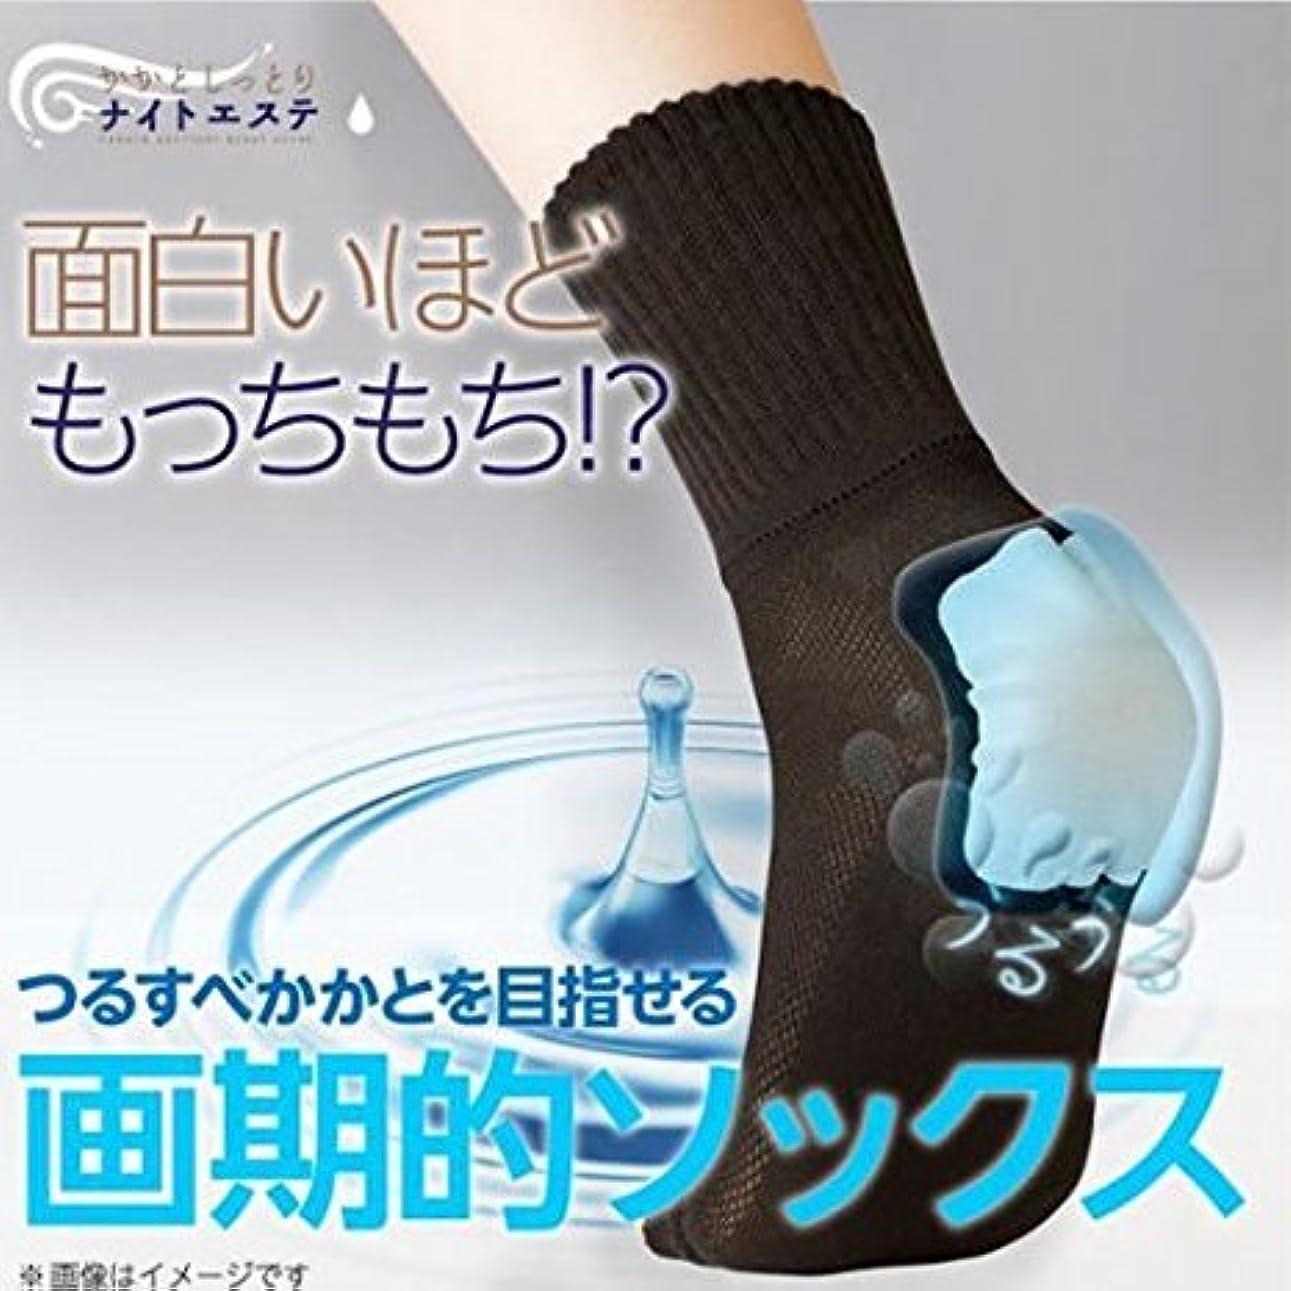 好み迅速風景特許取得済治療シート採用!『履くだけこっそりナイトエステ』 ガサガサ足、かかとのヒビ割れが気になるなら??